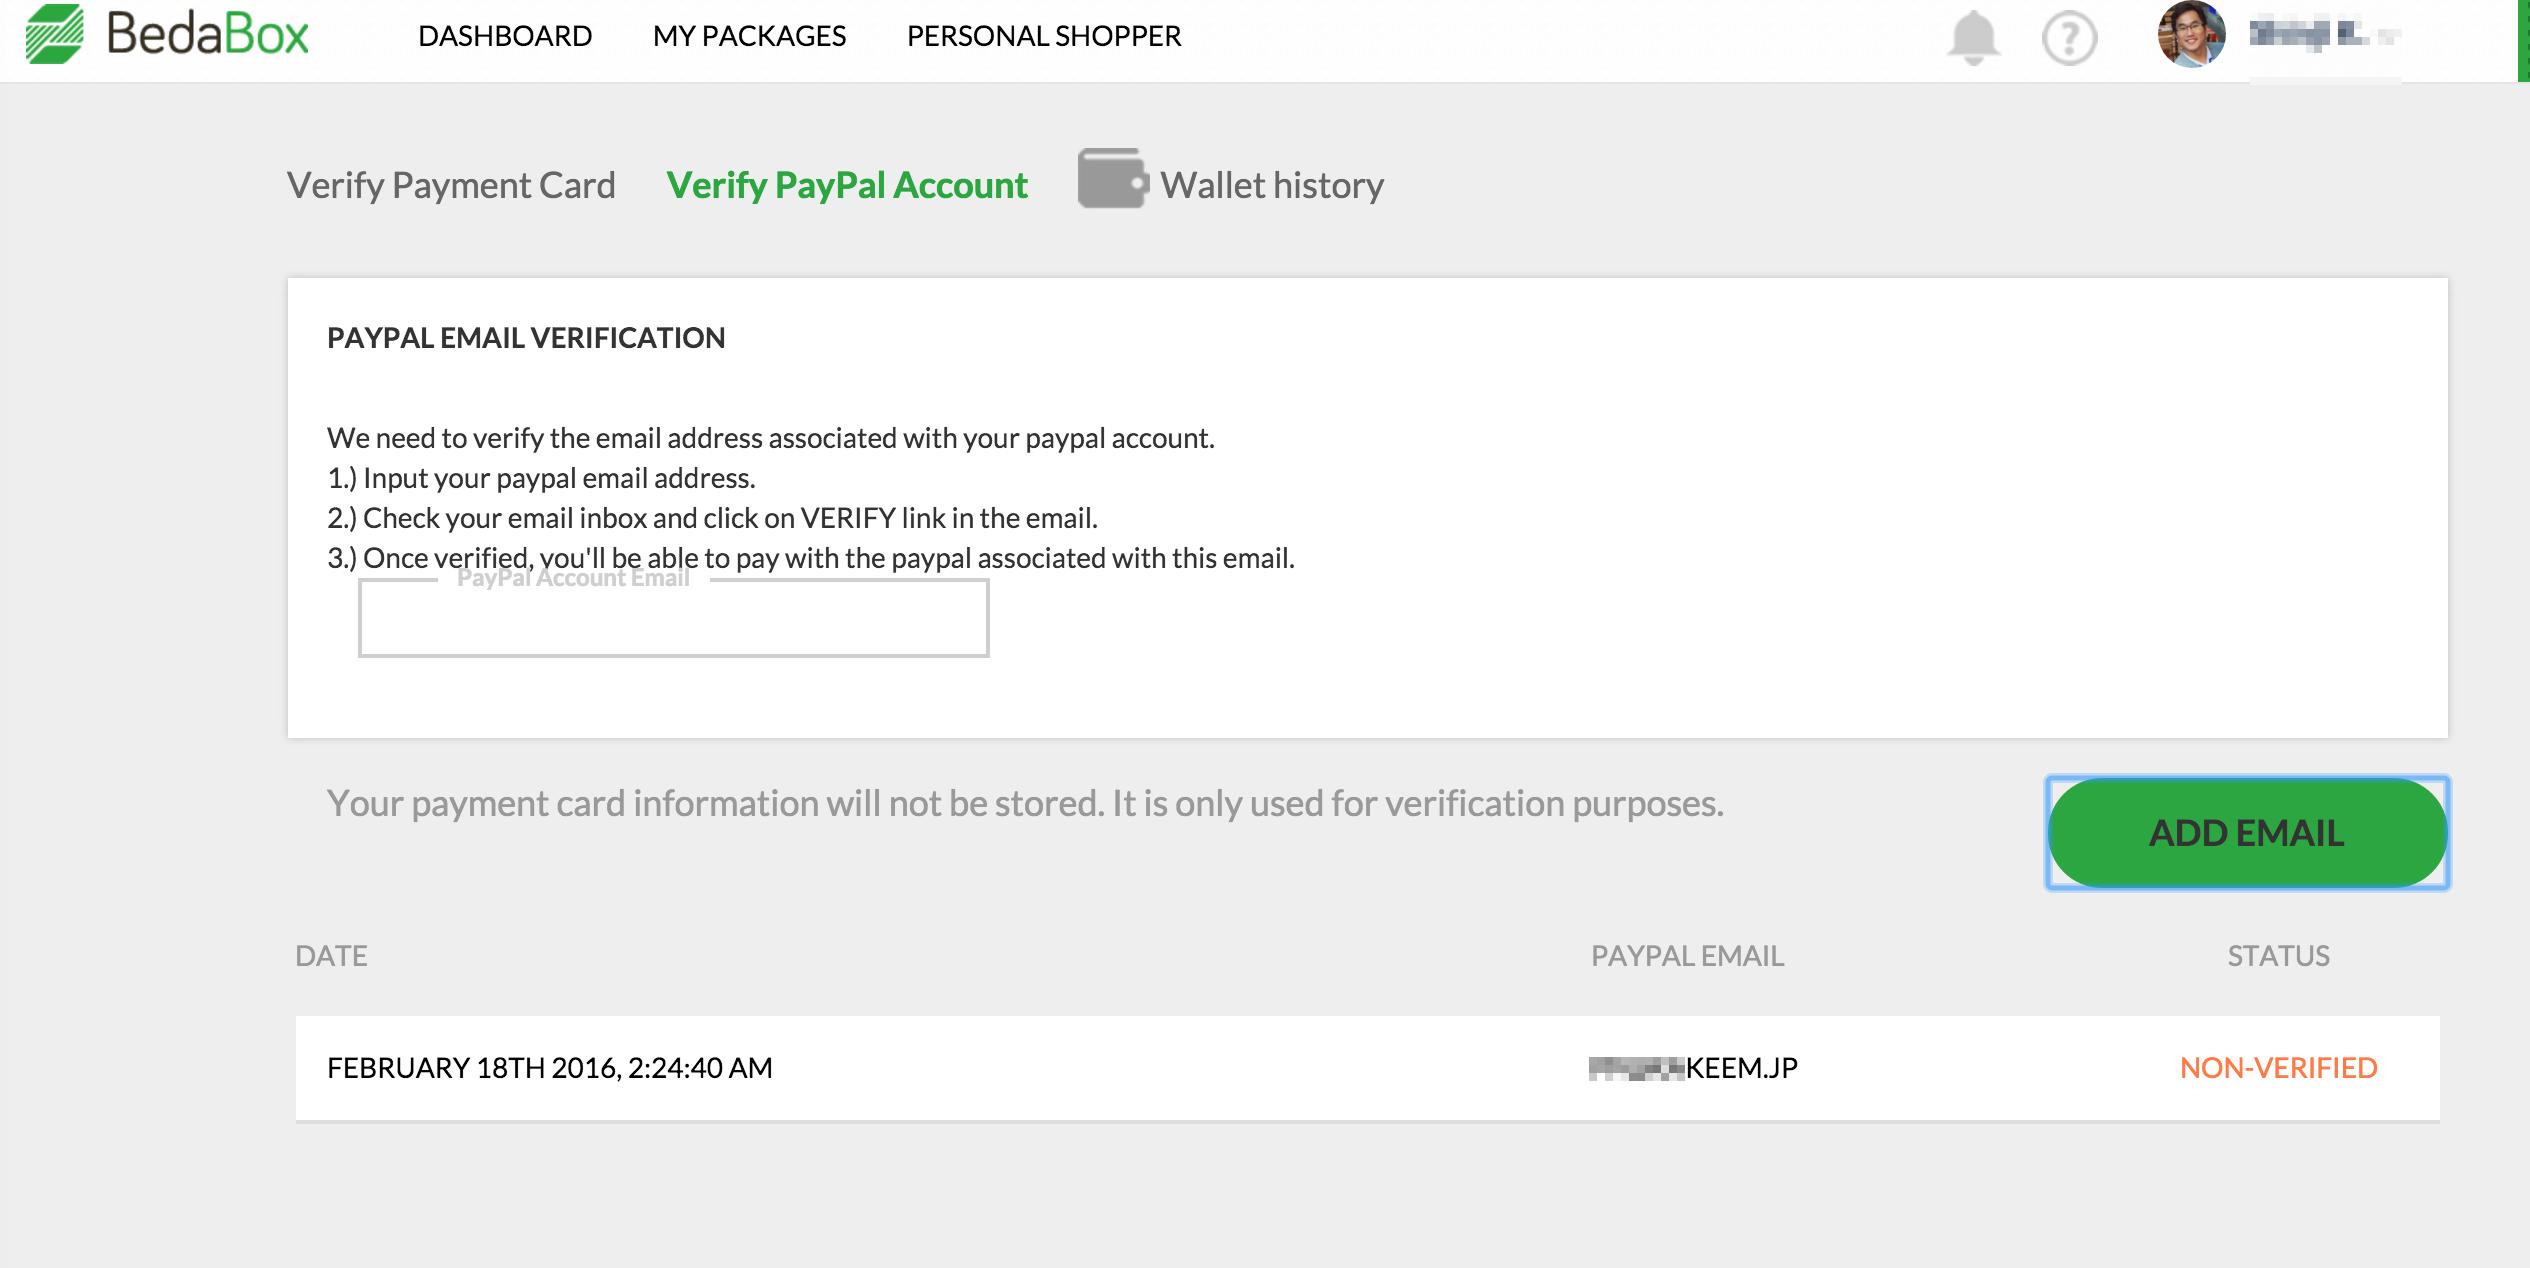 今回はPayPalのアカウントを追加したのだけど、アドレスを入れると確認のメールが届くので要クリック。